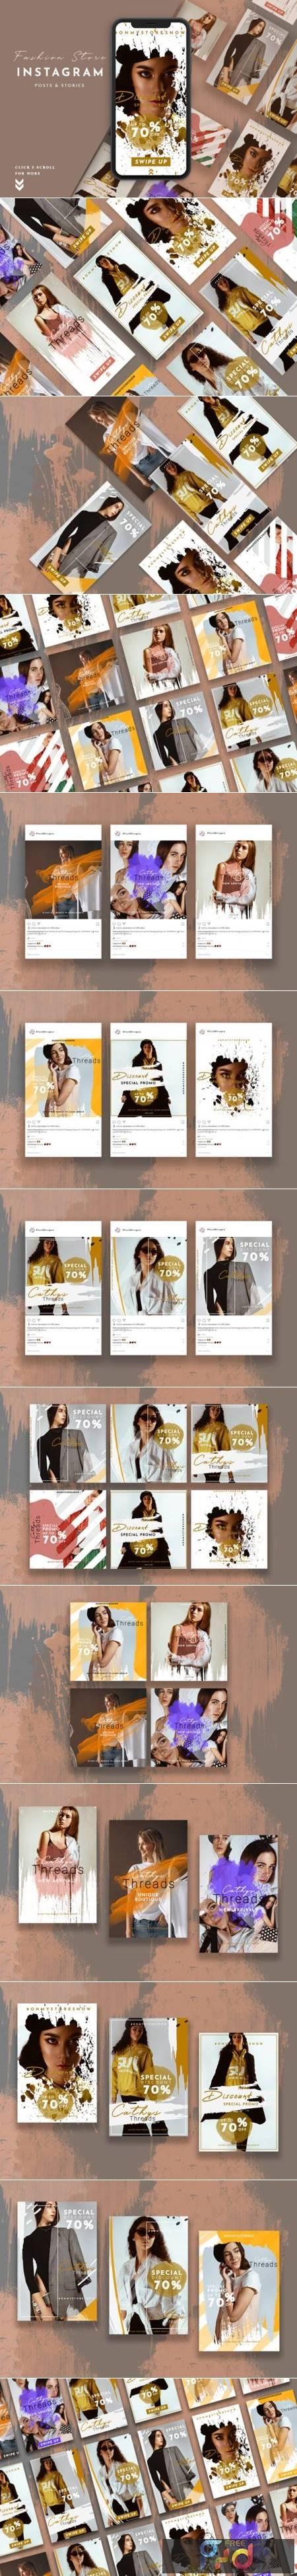 Fashion Instagram Stories & Posts 3815057 1